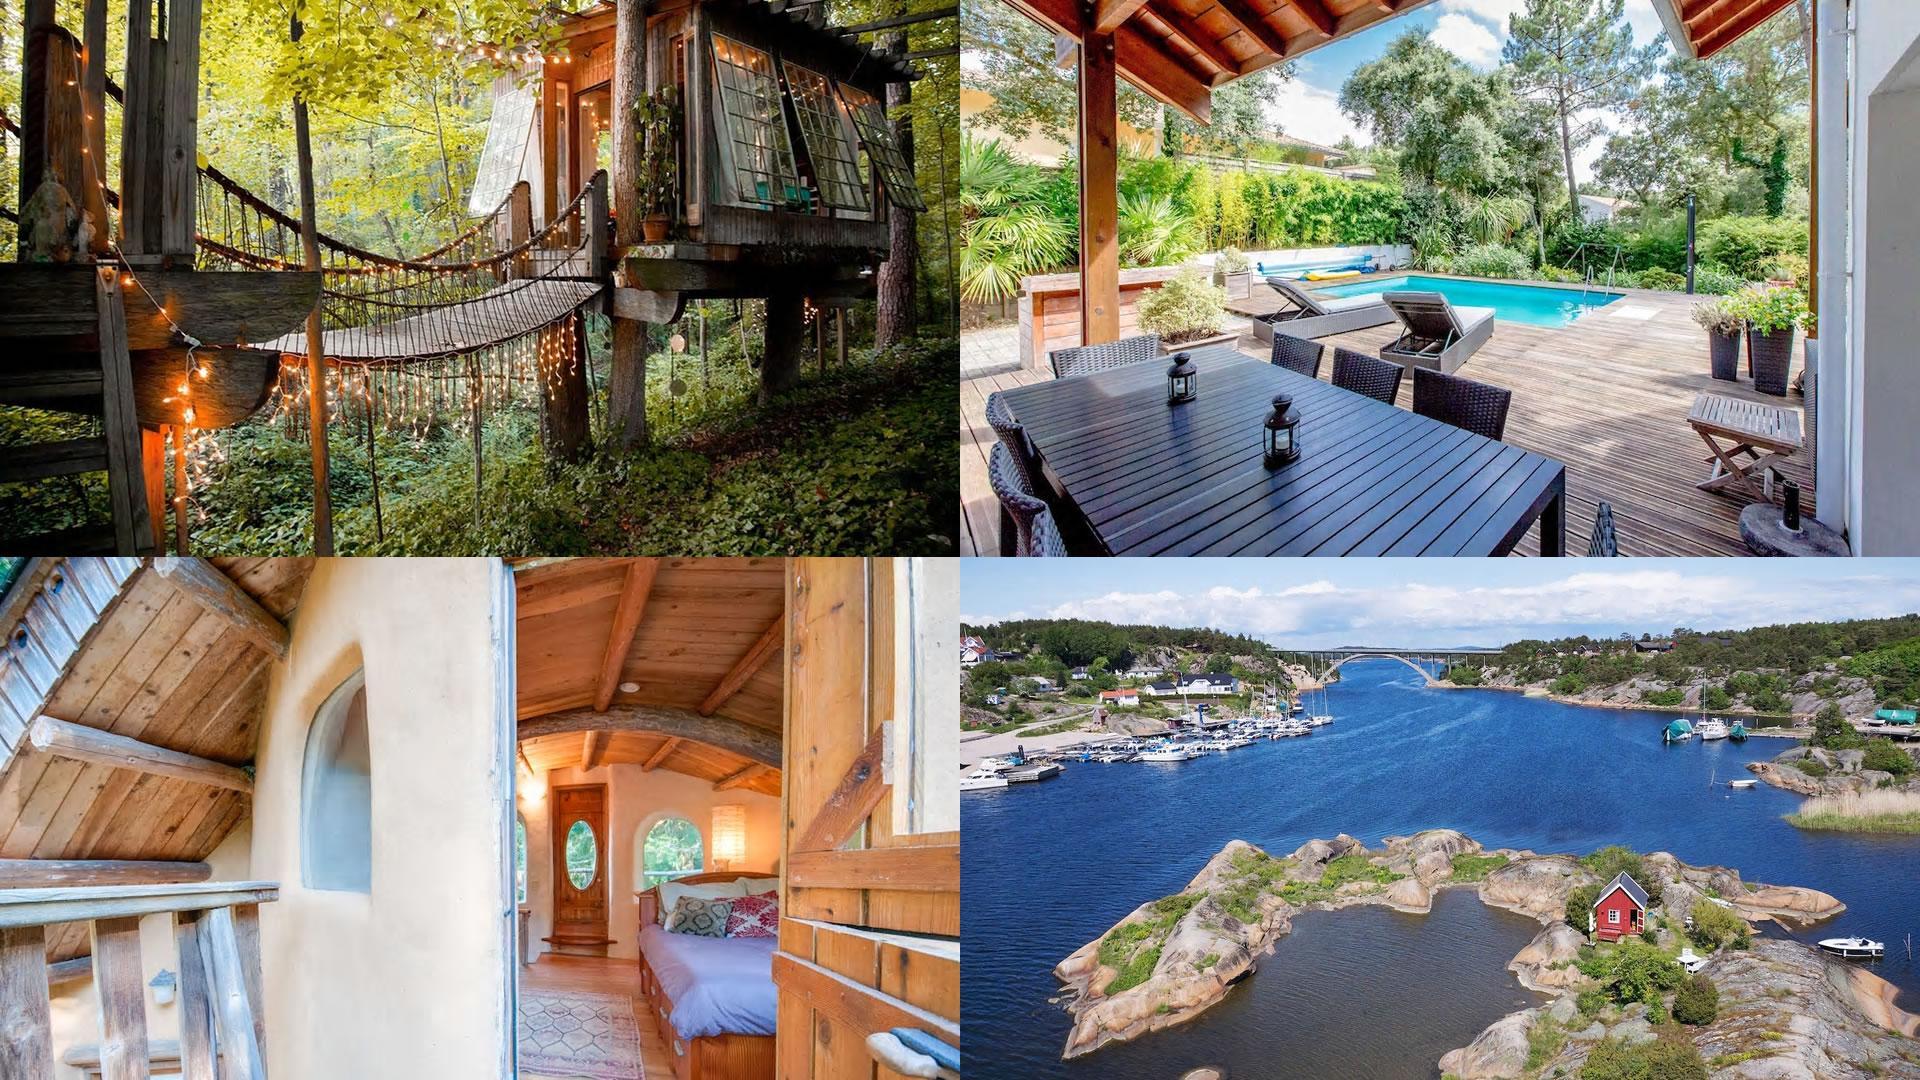 Las casas y departamentos más deseados en Airbnb, según cada país